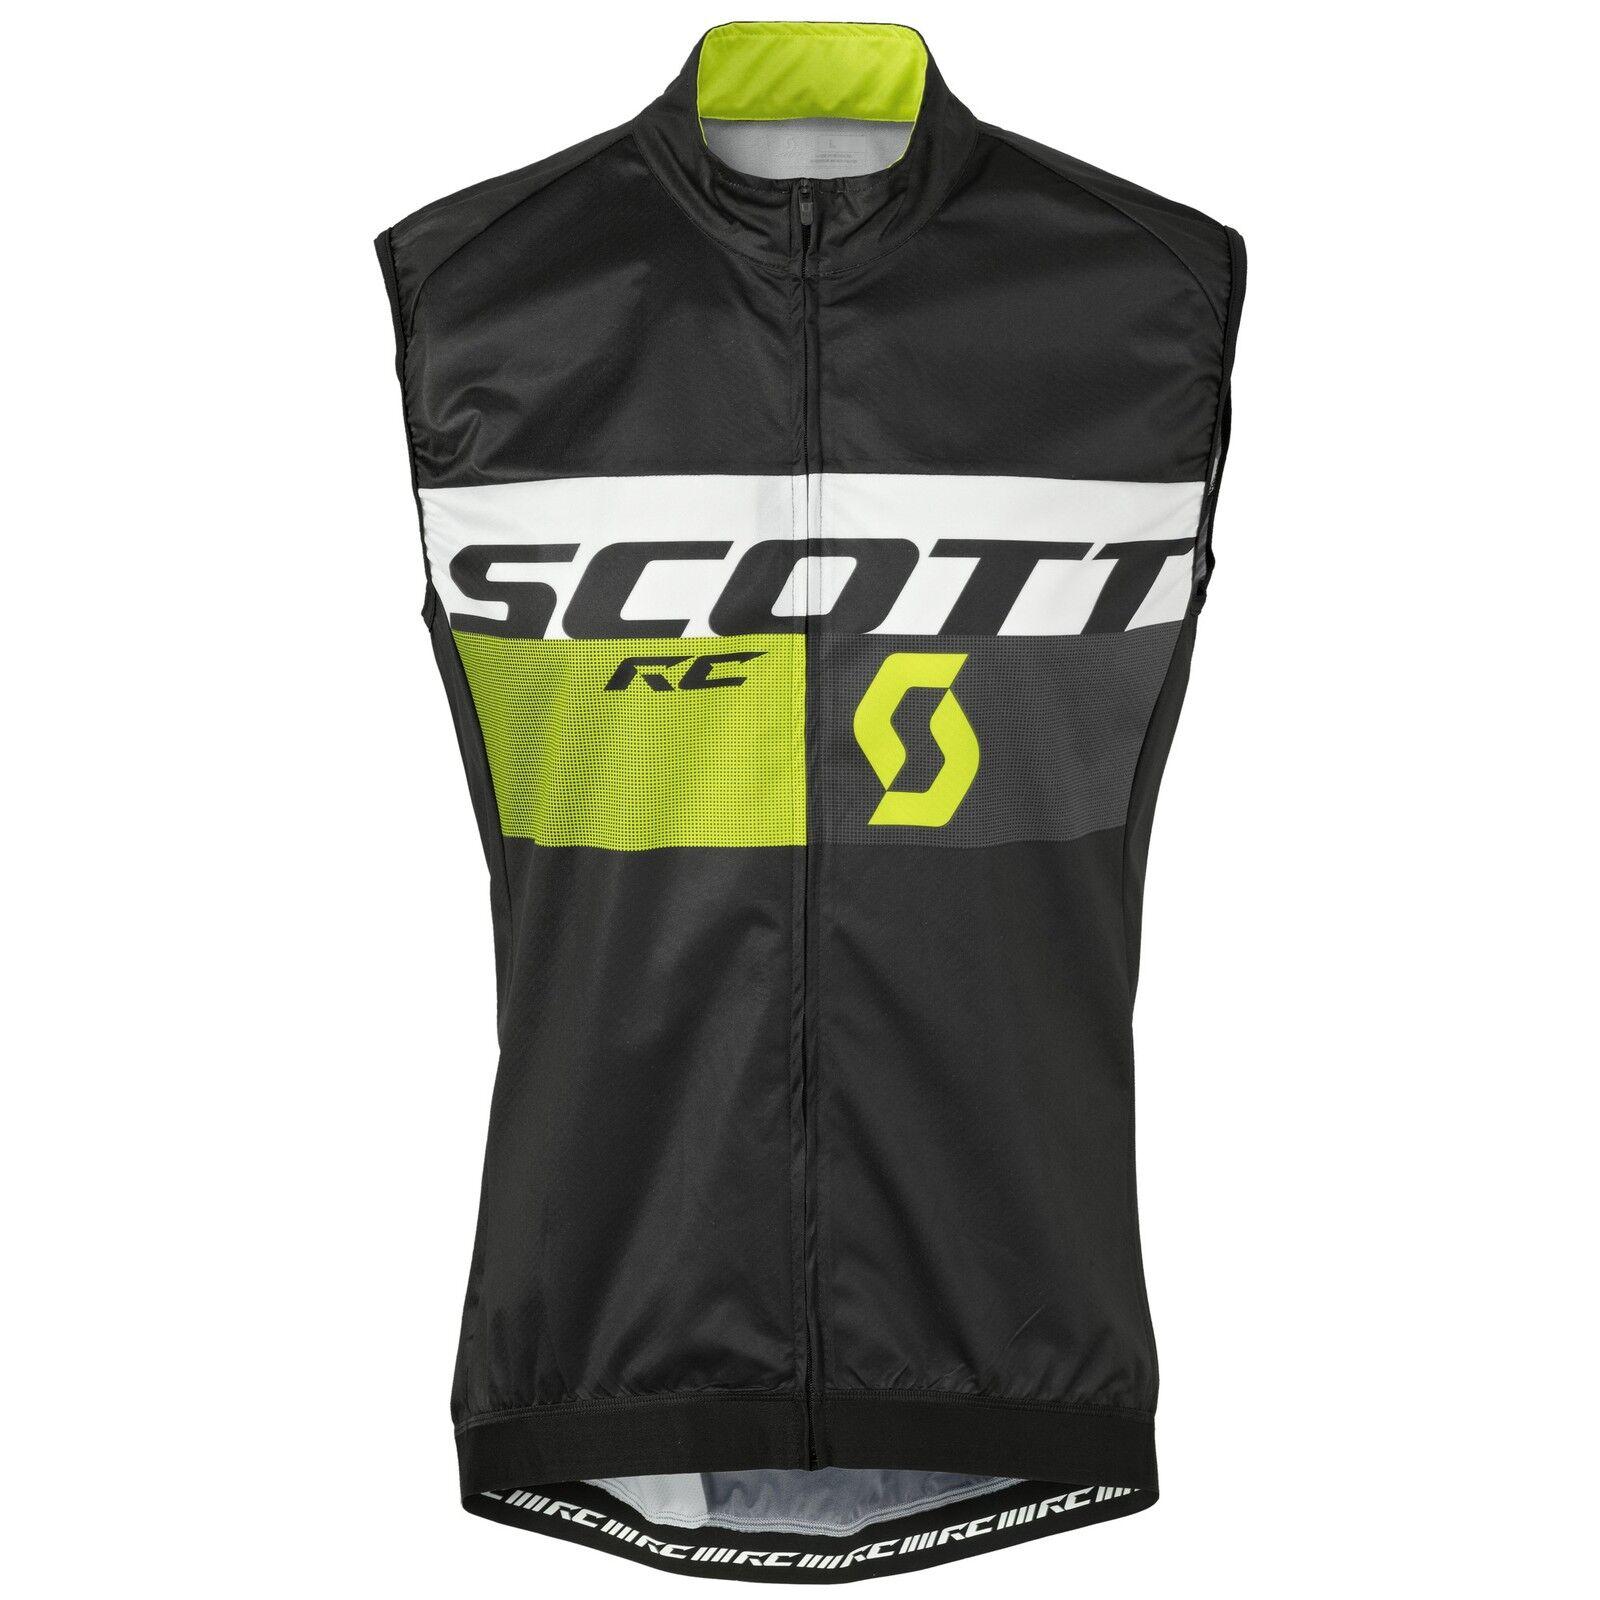 Cape schwarz/gelb/vest Weste Scott VEST RC PRO WB schwarz/gelb/vest Cape RC Pro WB SCOTT schwarz/Ihr e29838